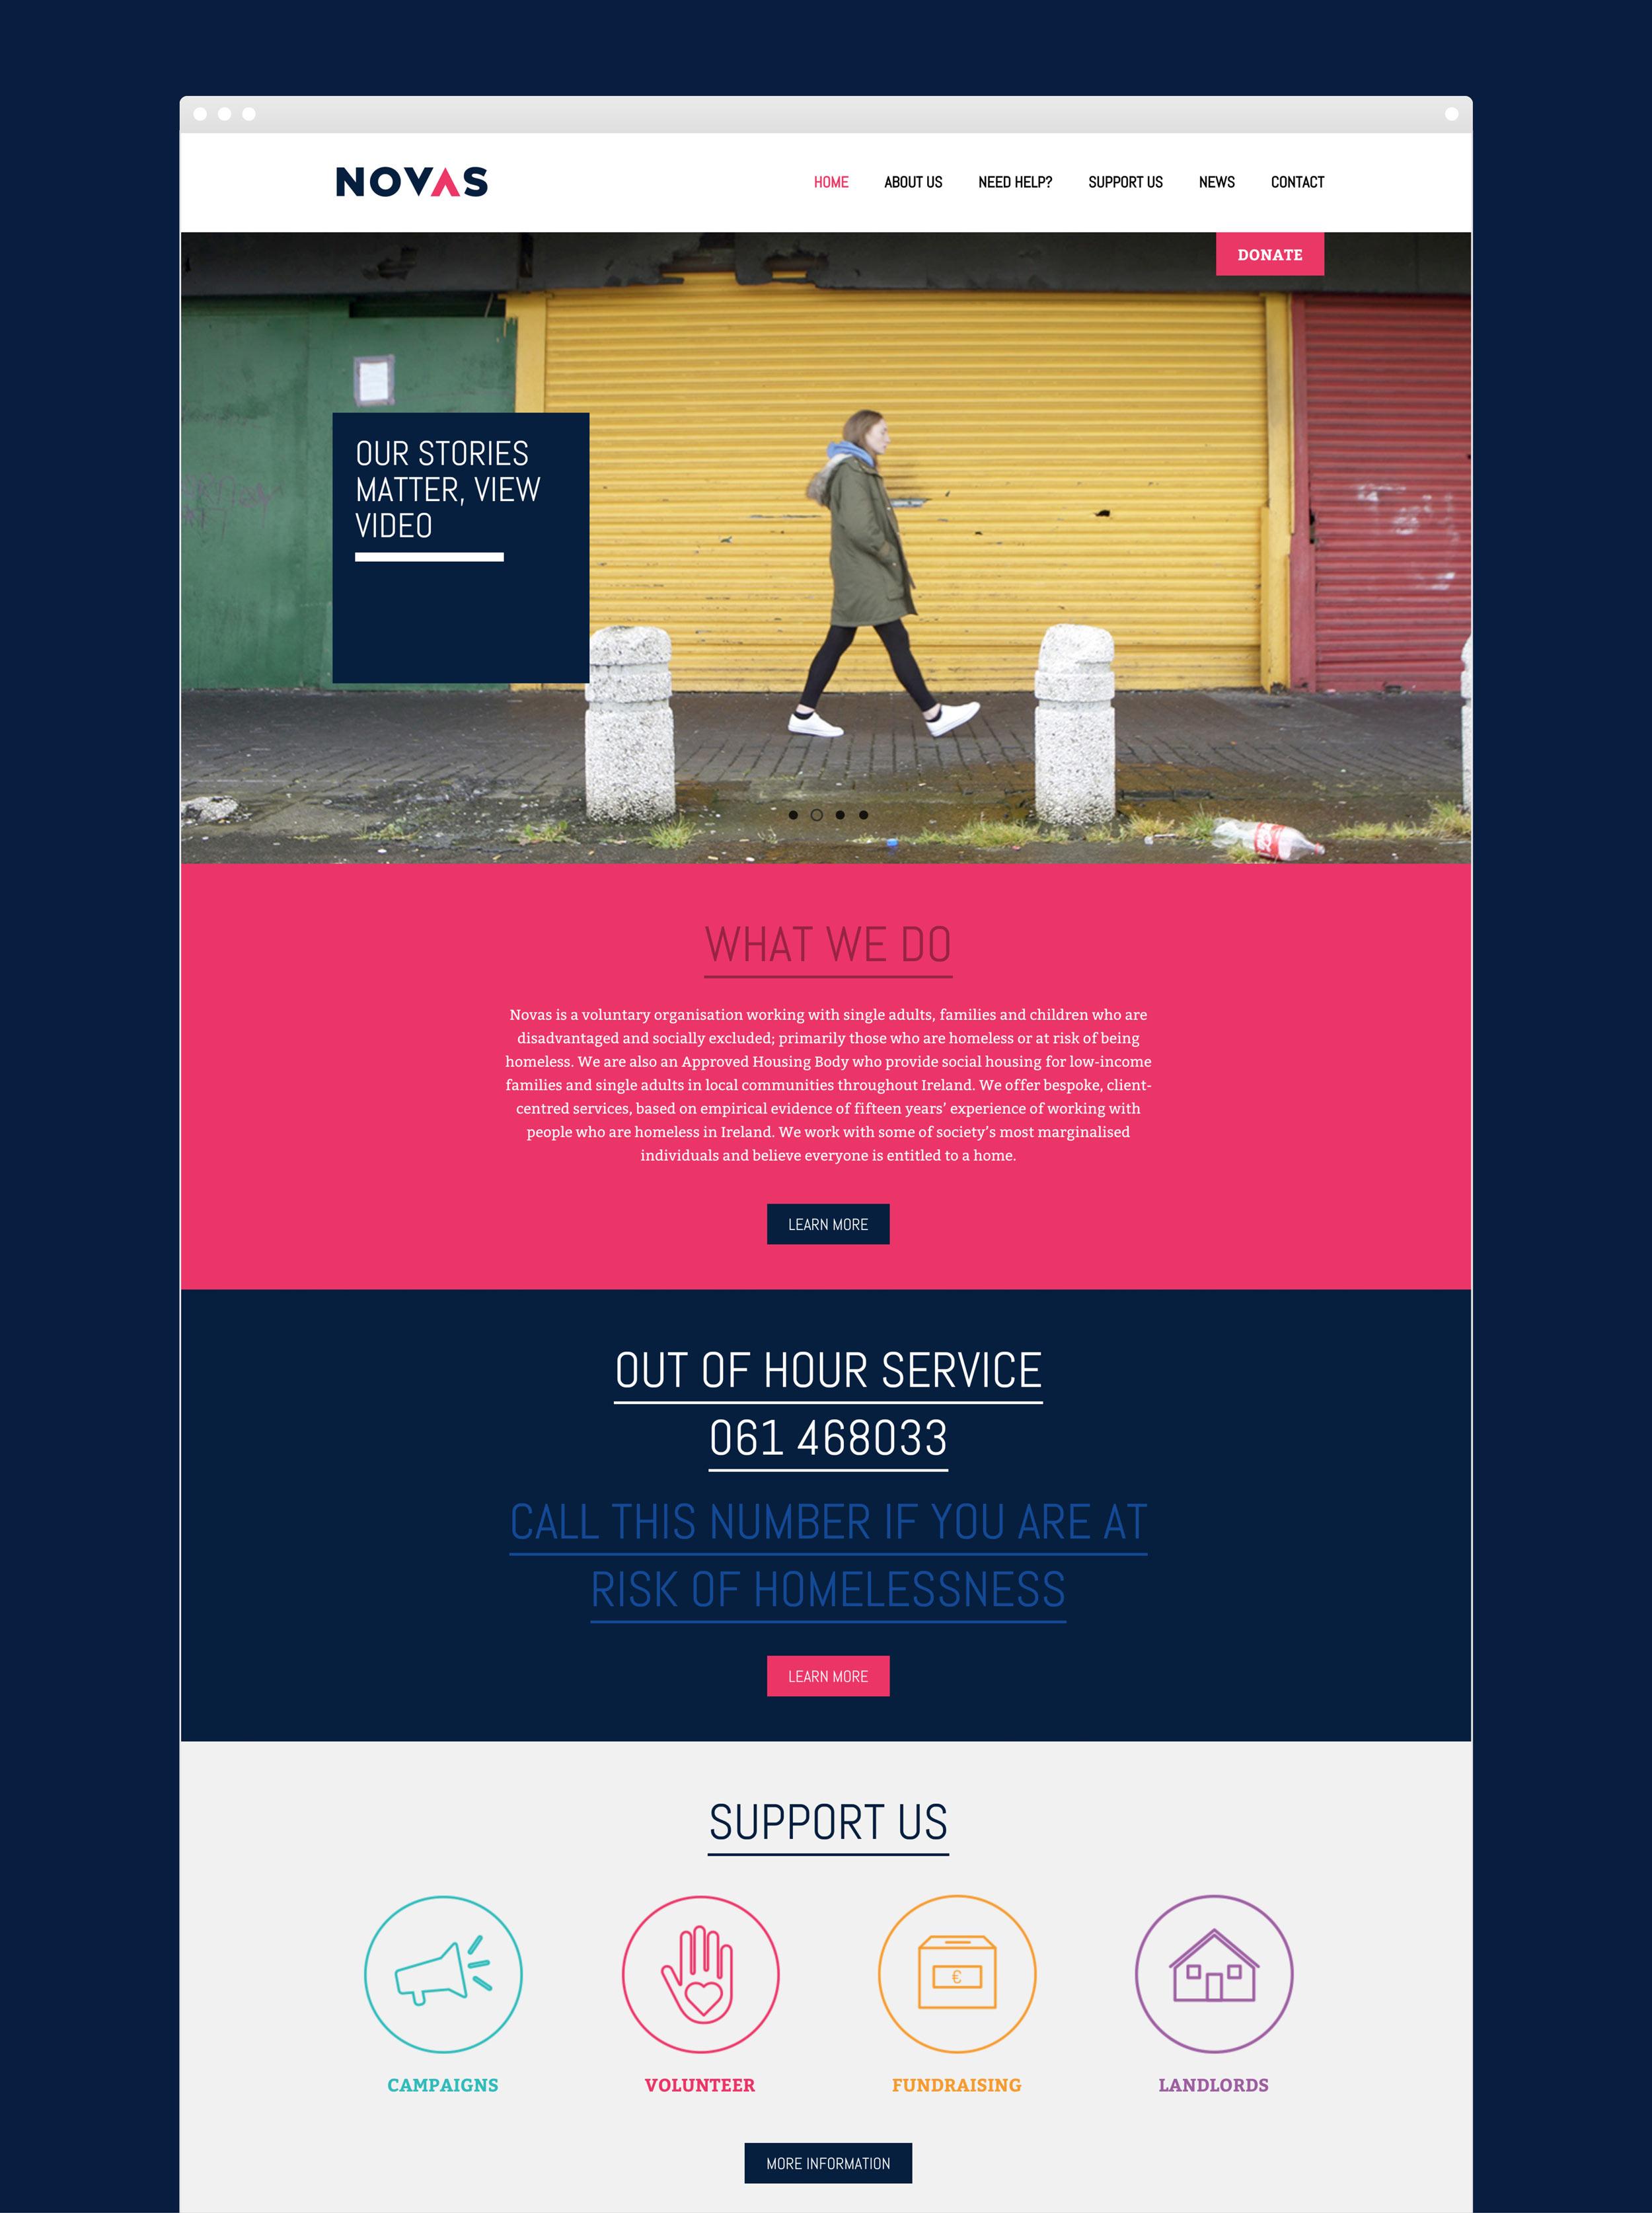 Novas web design & development, brand development. Frontpage of the Novas website